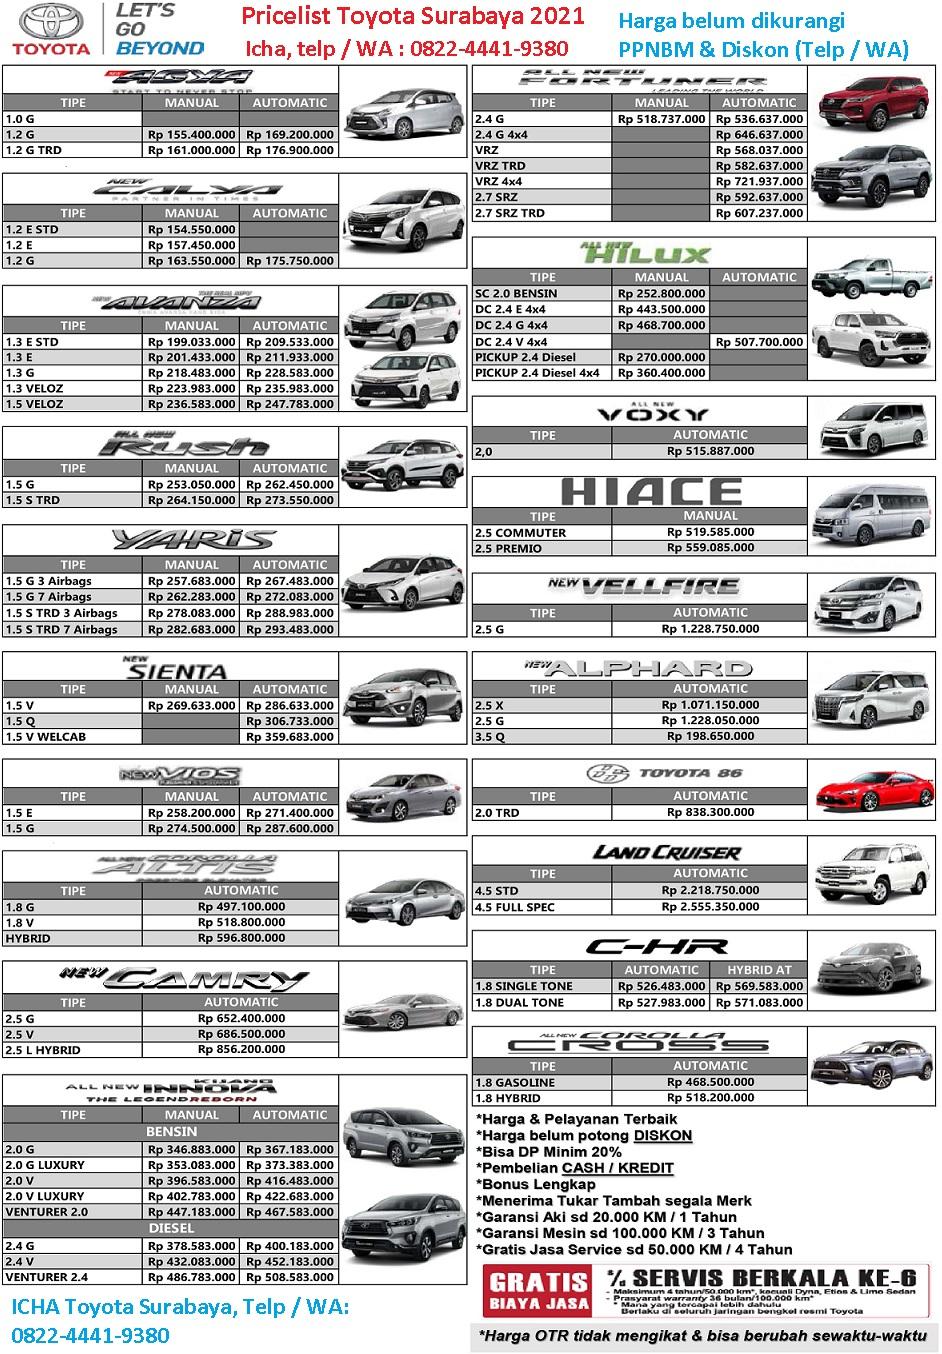 Tidak terasa sekarang kita sudah berada di bulan september 2021 dimana pada bulan ini resmi skema ppnbm mengalami perubahan, yang awal nya 100% menjadi 50%. Promo Toyota Surabaya - Harga kredit mobil 2021 Calya Agya Avanza Innova Fortuner DP sangat ...